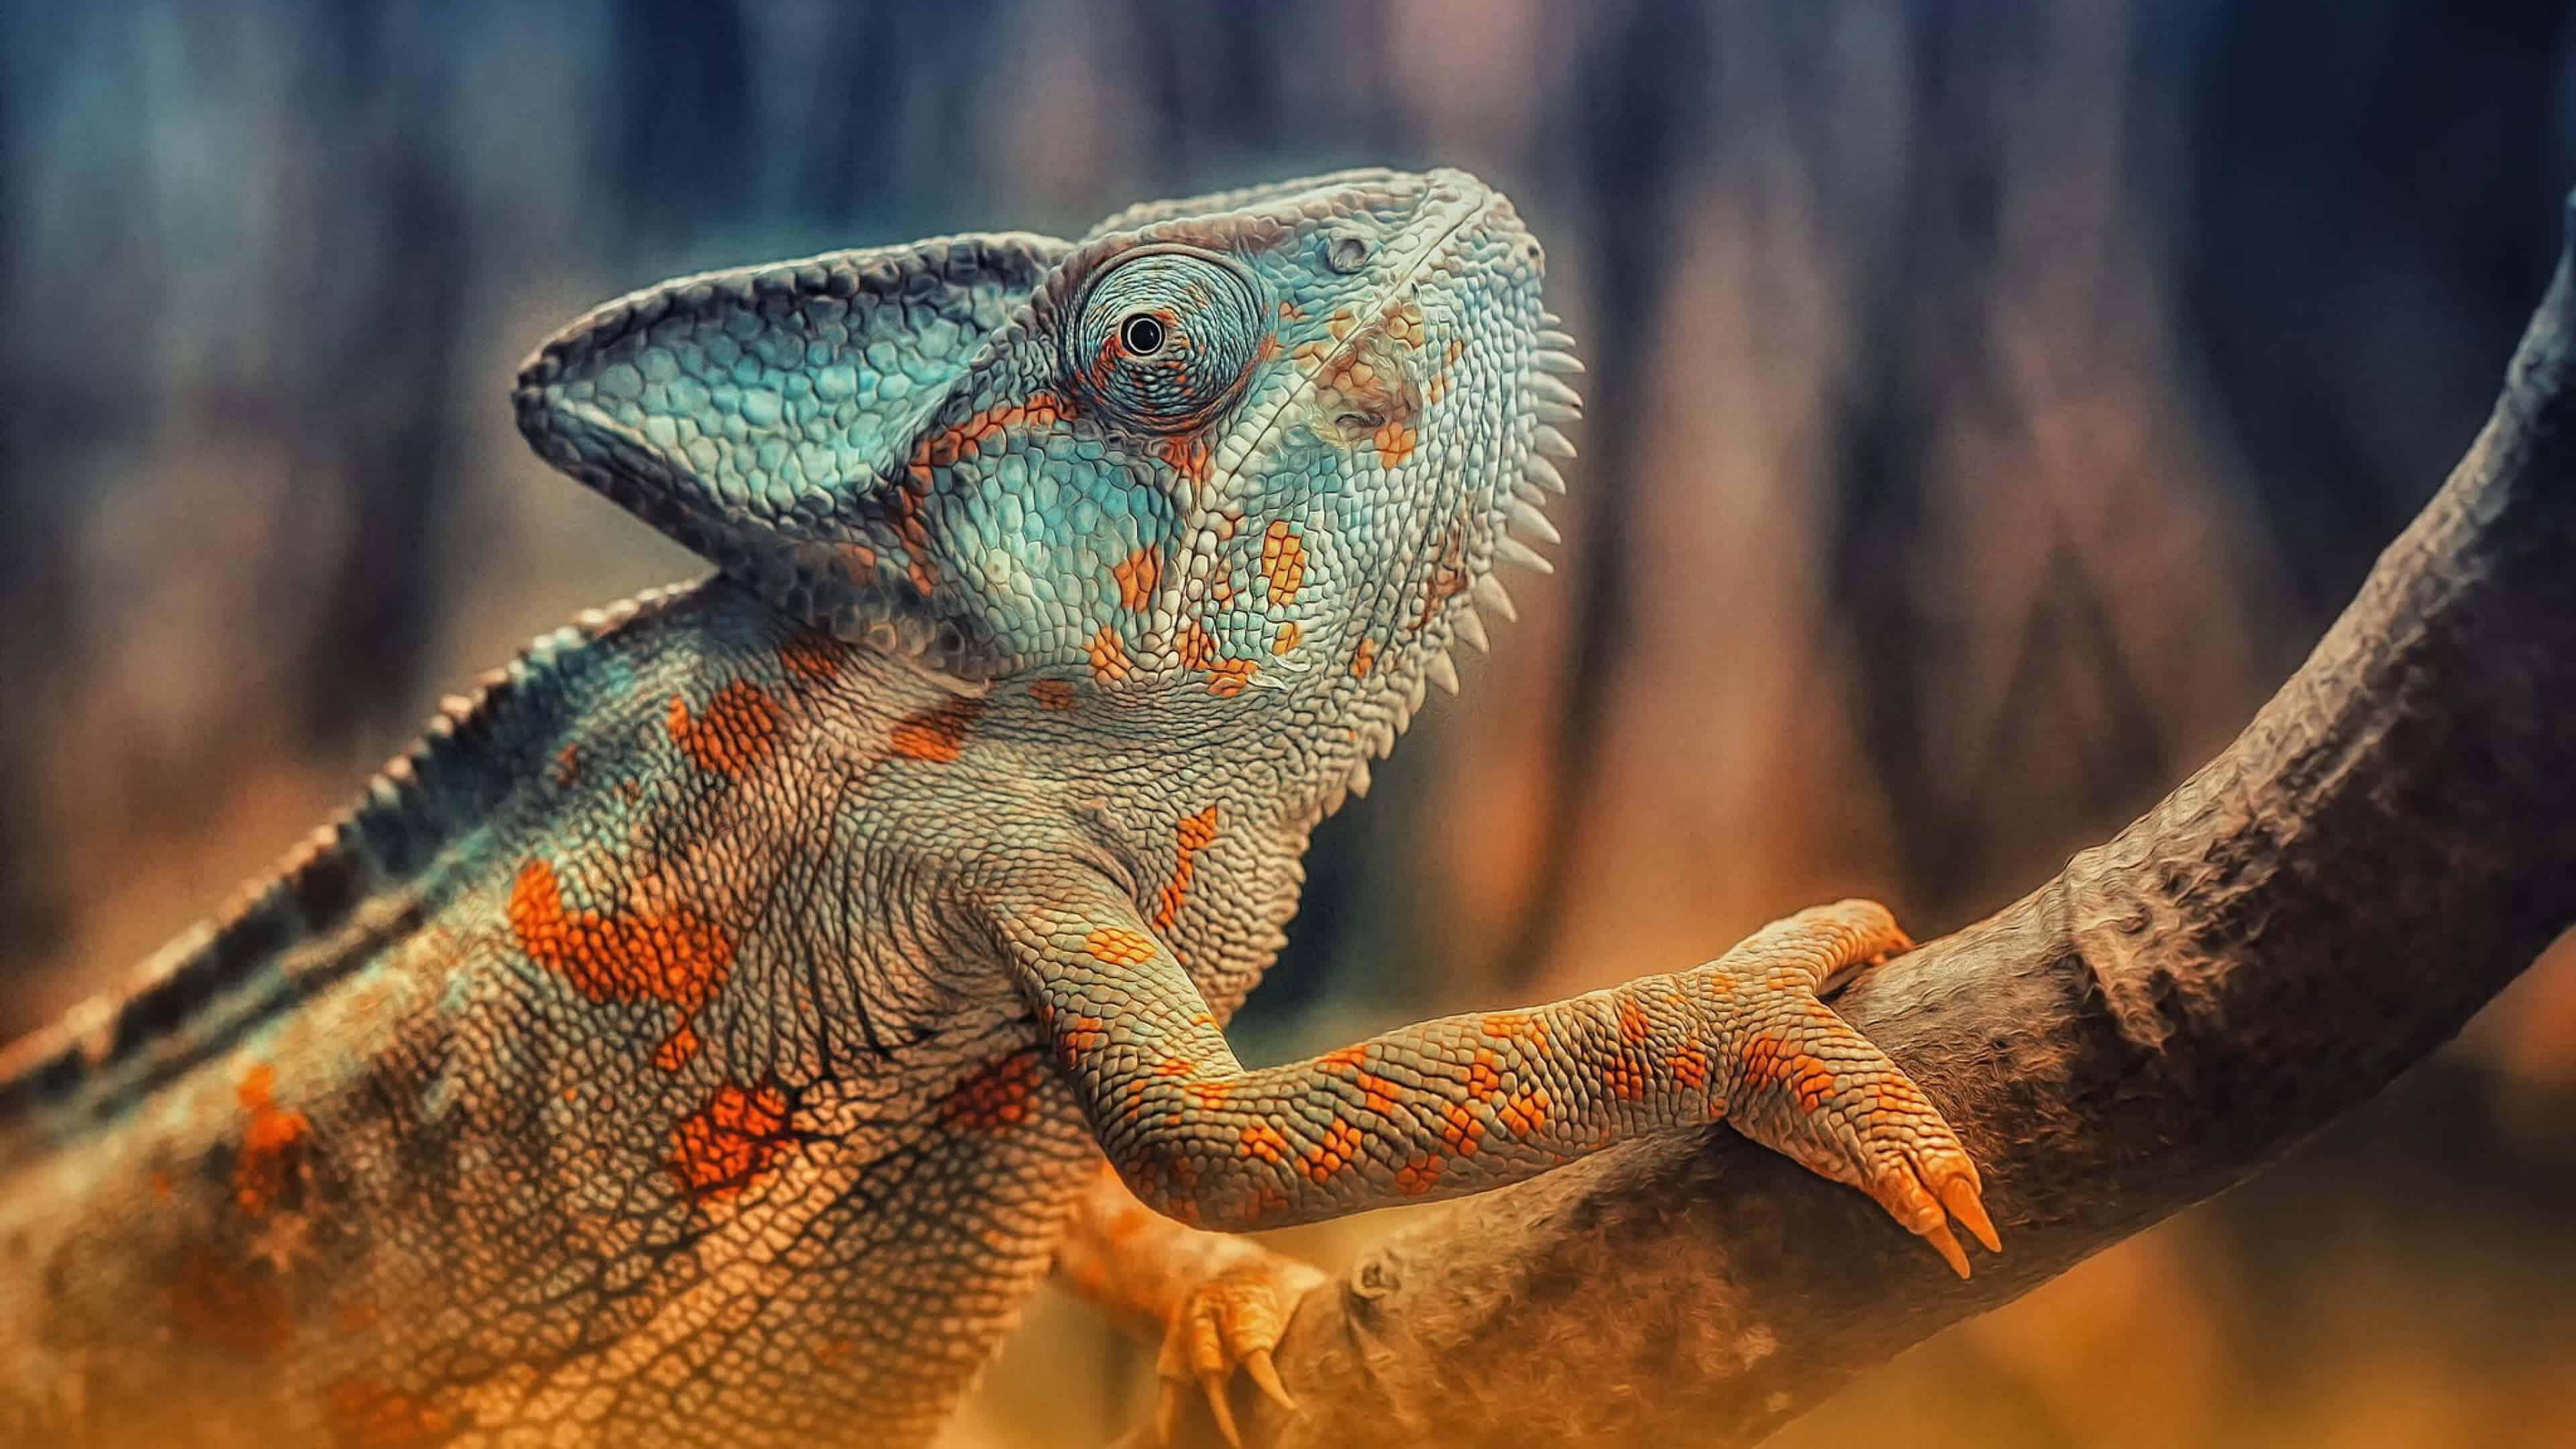 Chameleon On Branch Uhd 4k Wallpaper Pixelz